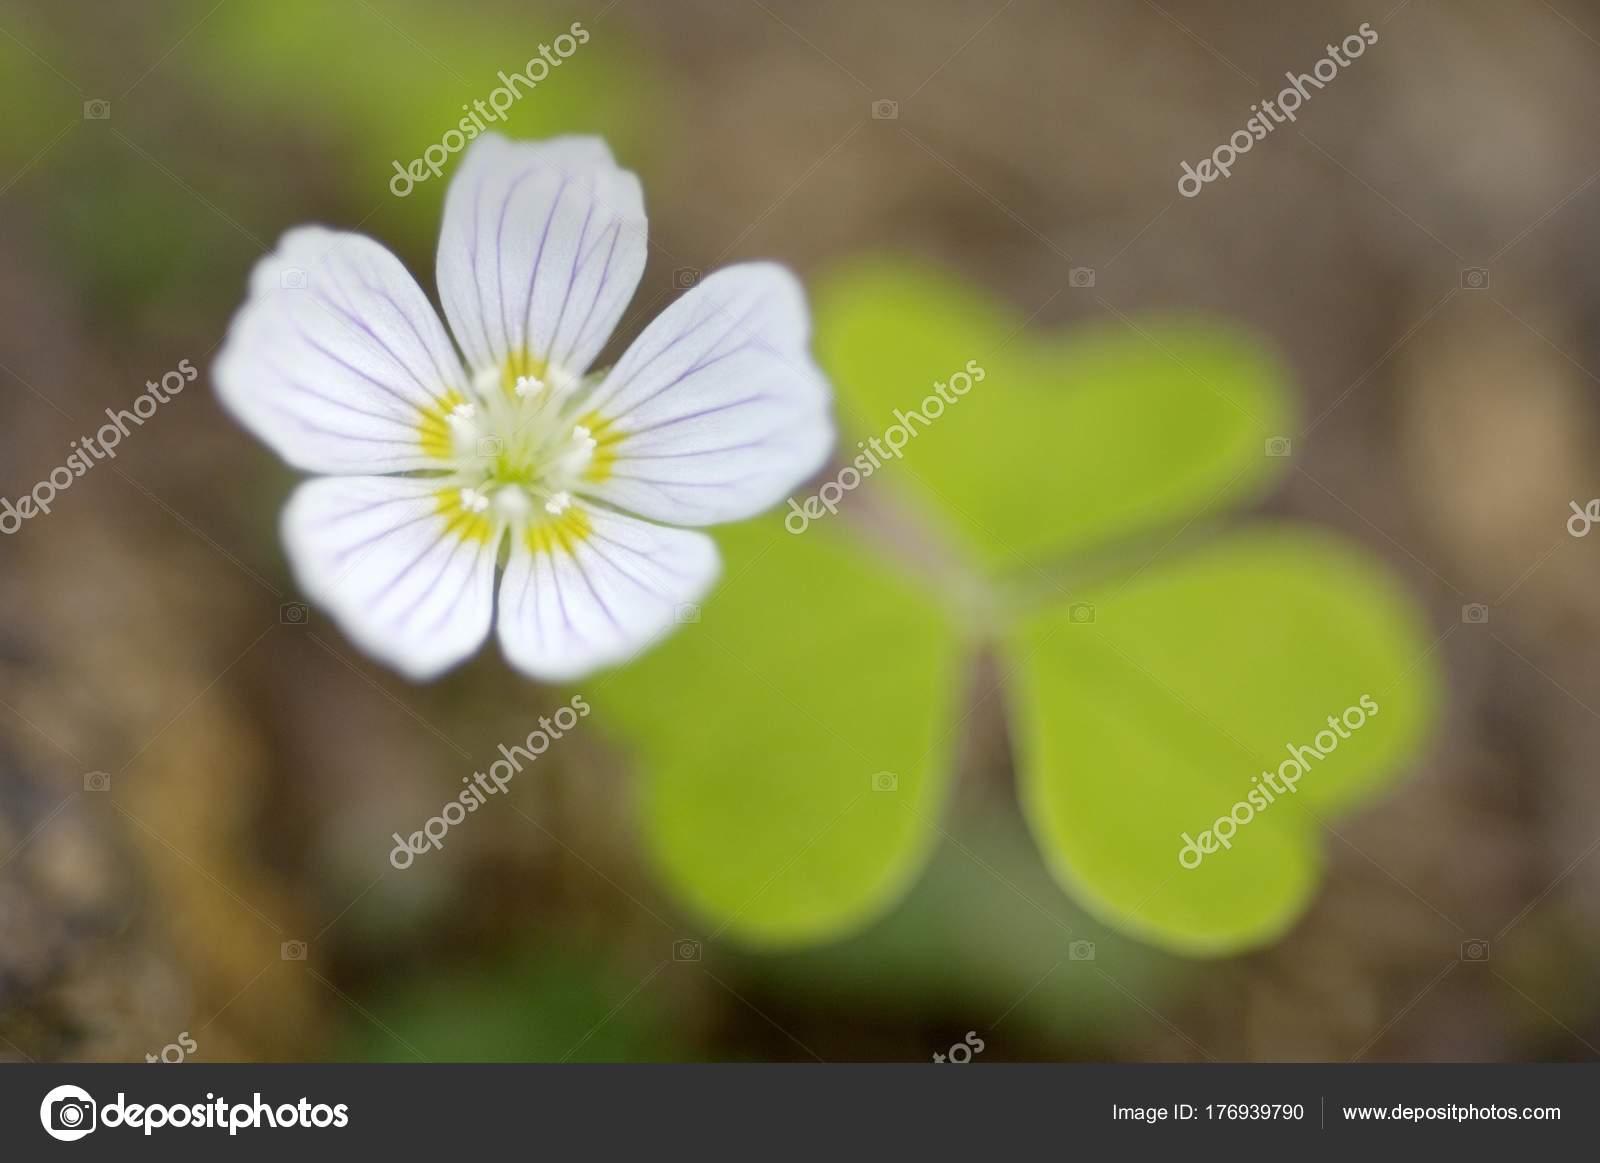 Quadrifoglio e fiore comune di acetosella Oxalis acetosella \u2014 Foto di  imagebrokermicrostock